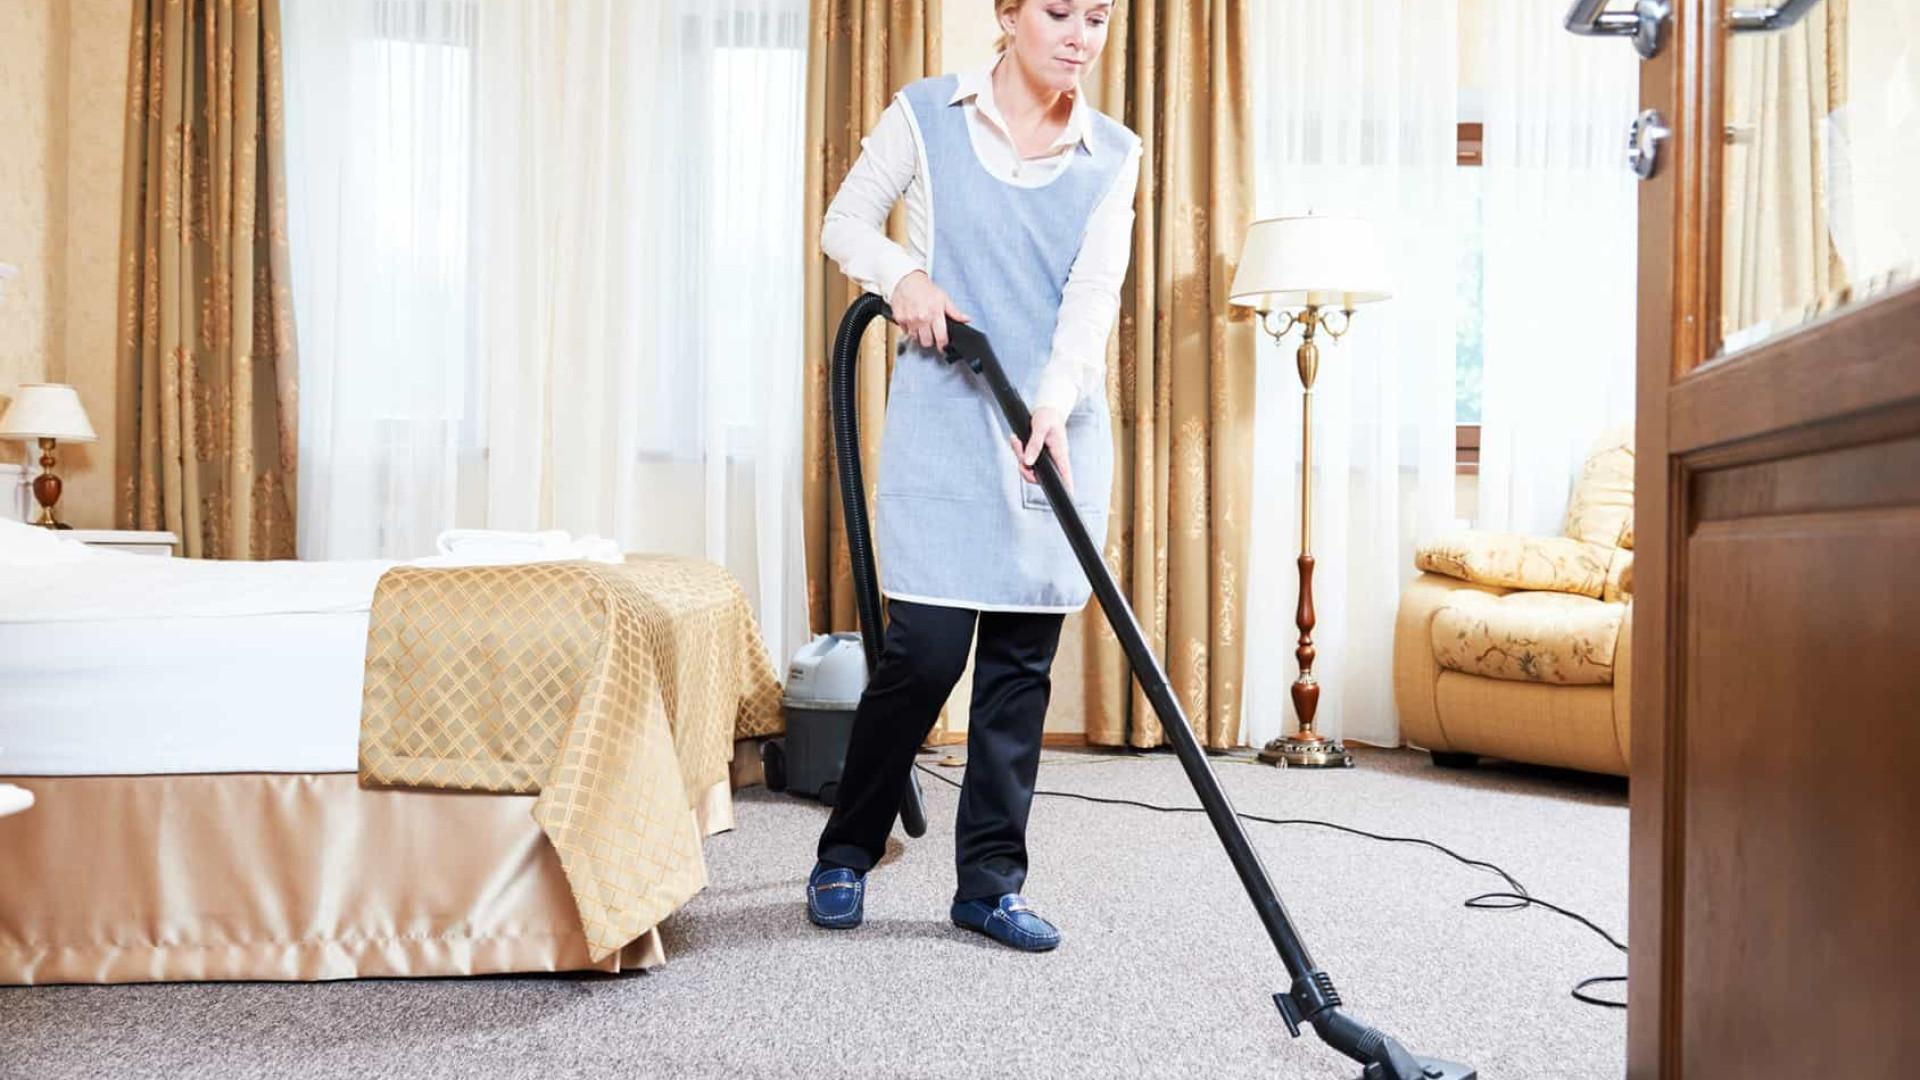 Quer limpar a casa como os anfitriões do Airbnb? Eis os seus truques